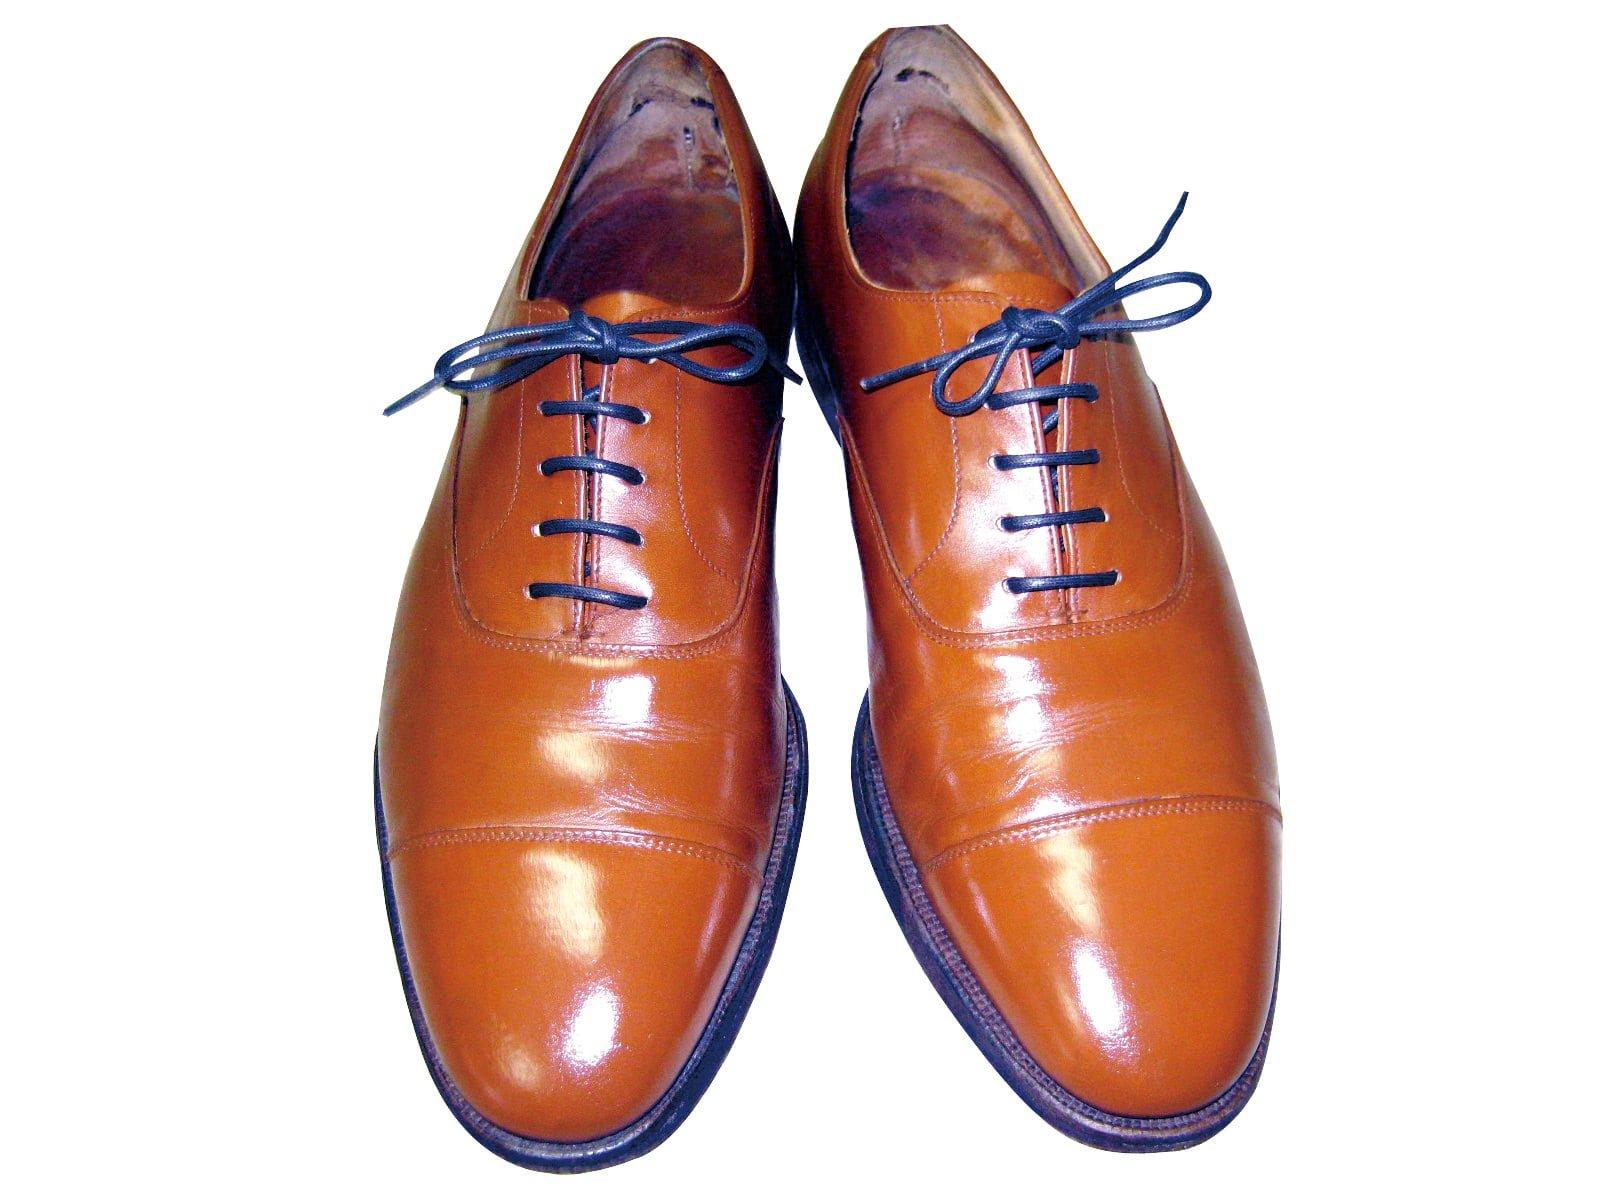 革靴のクリーニング・修理作業後